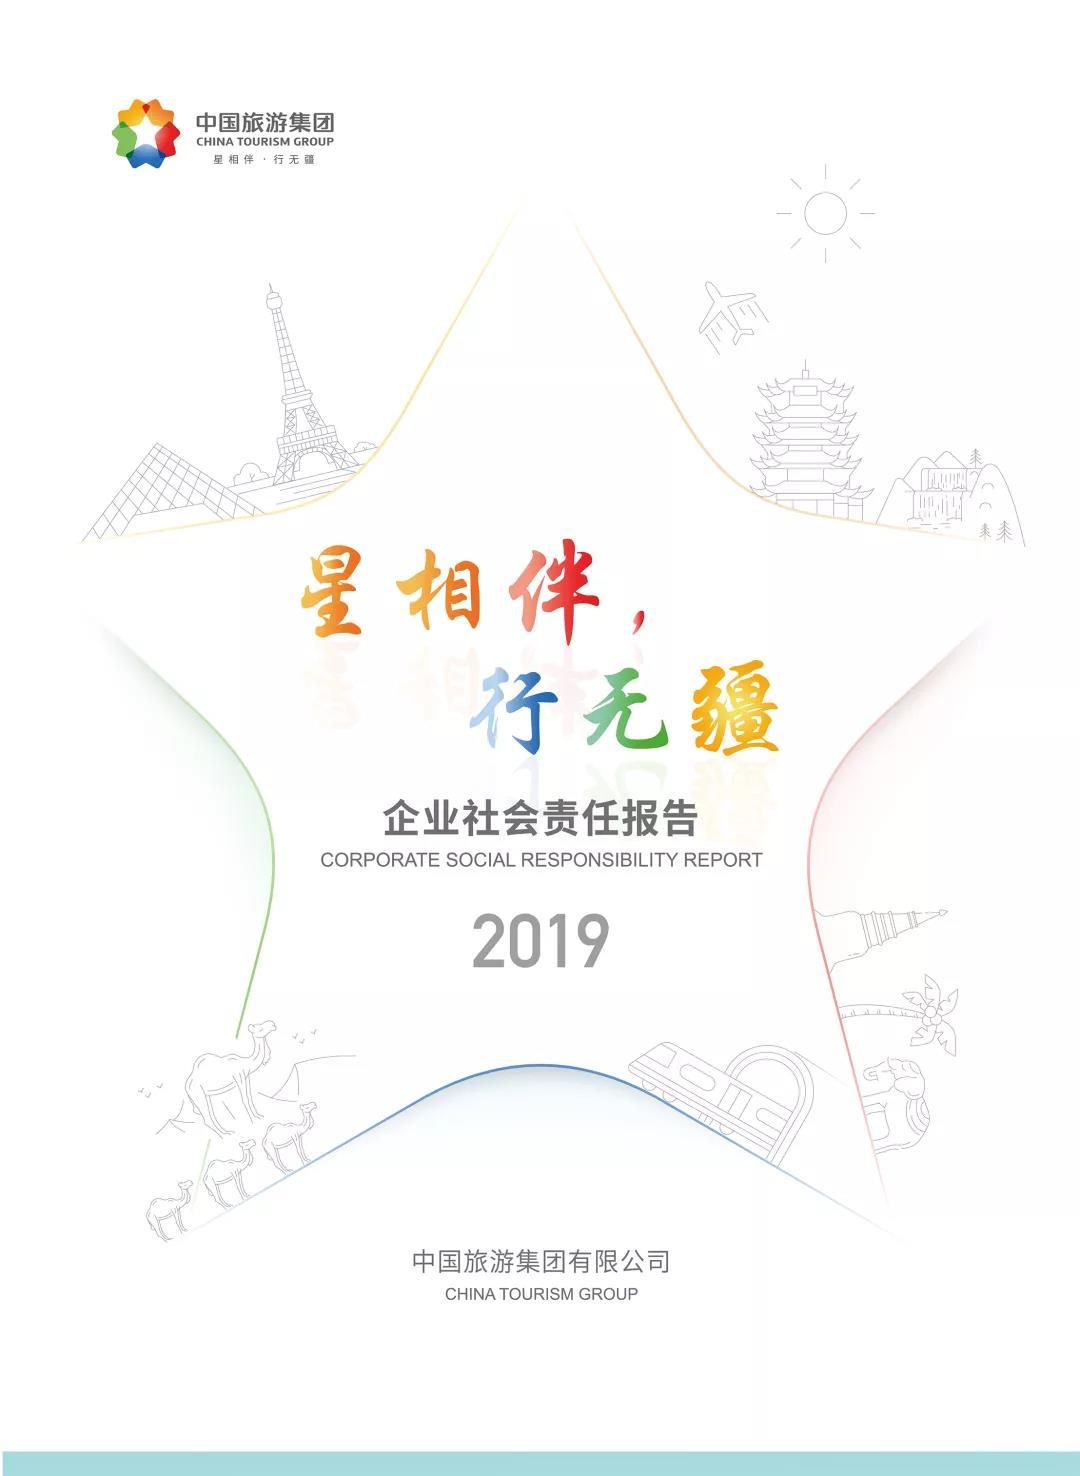 中国旅游集团发布2019年度社会责任报告,首次获得五星级评价